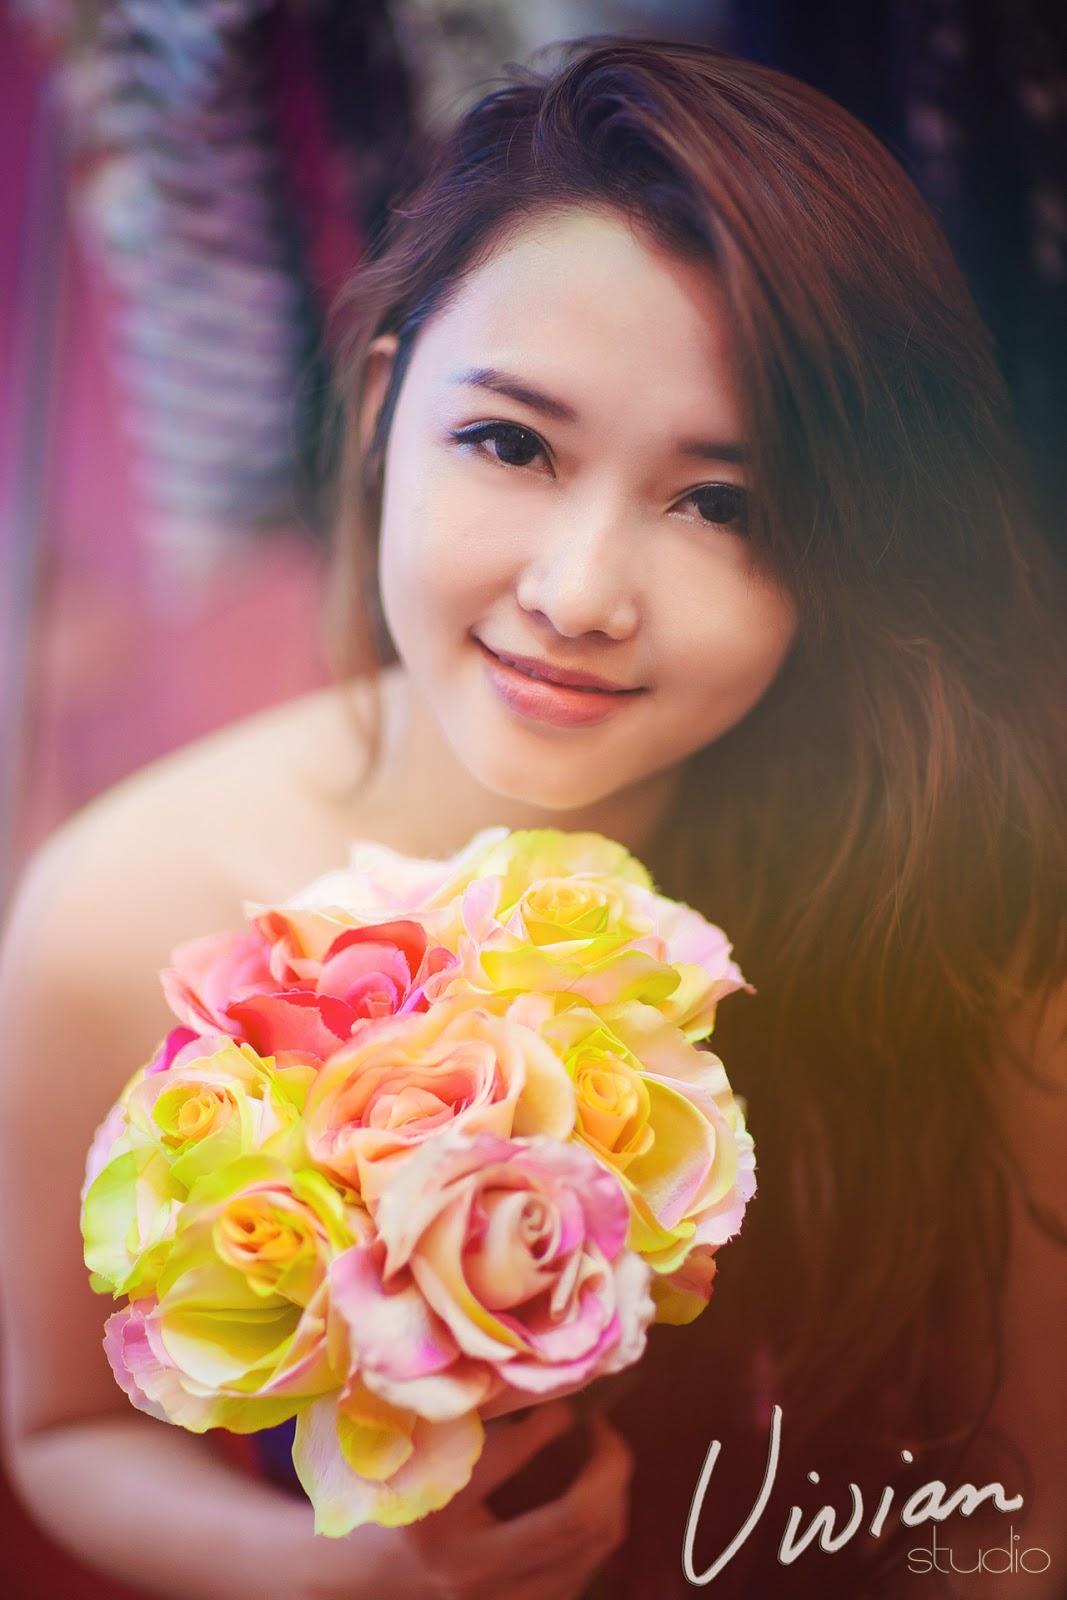 Album ảnh đẹp girl xinh tổng hợp tuyển chọn 28